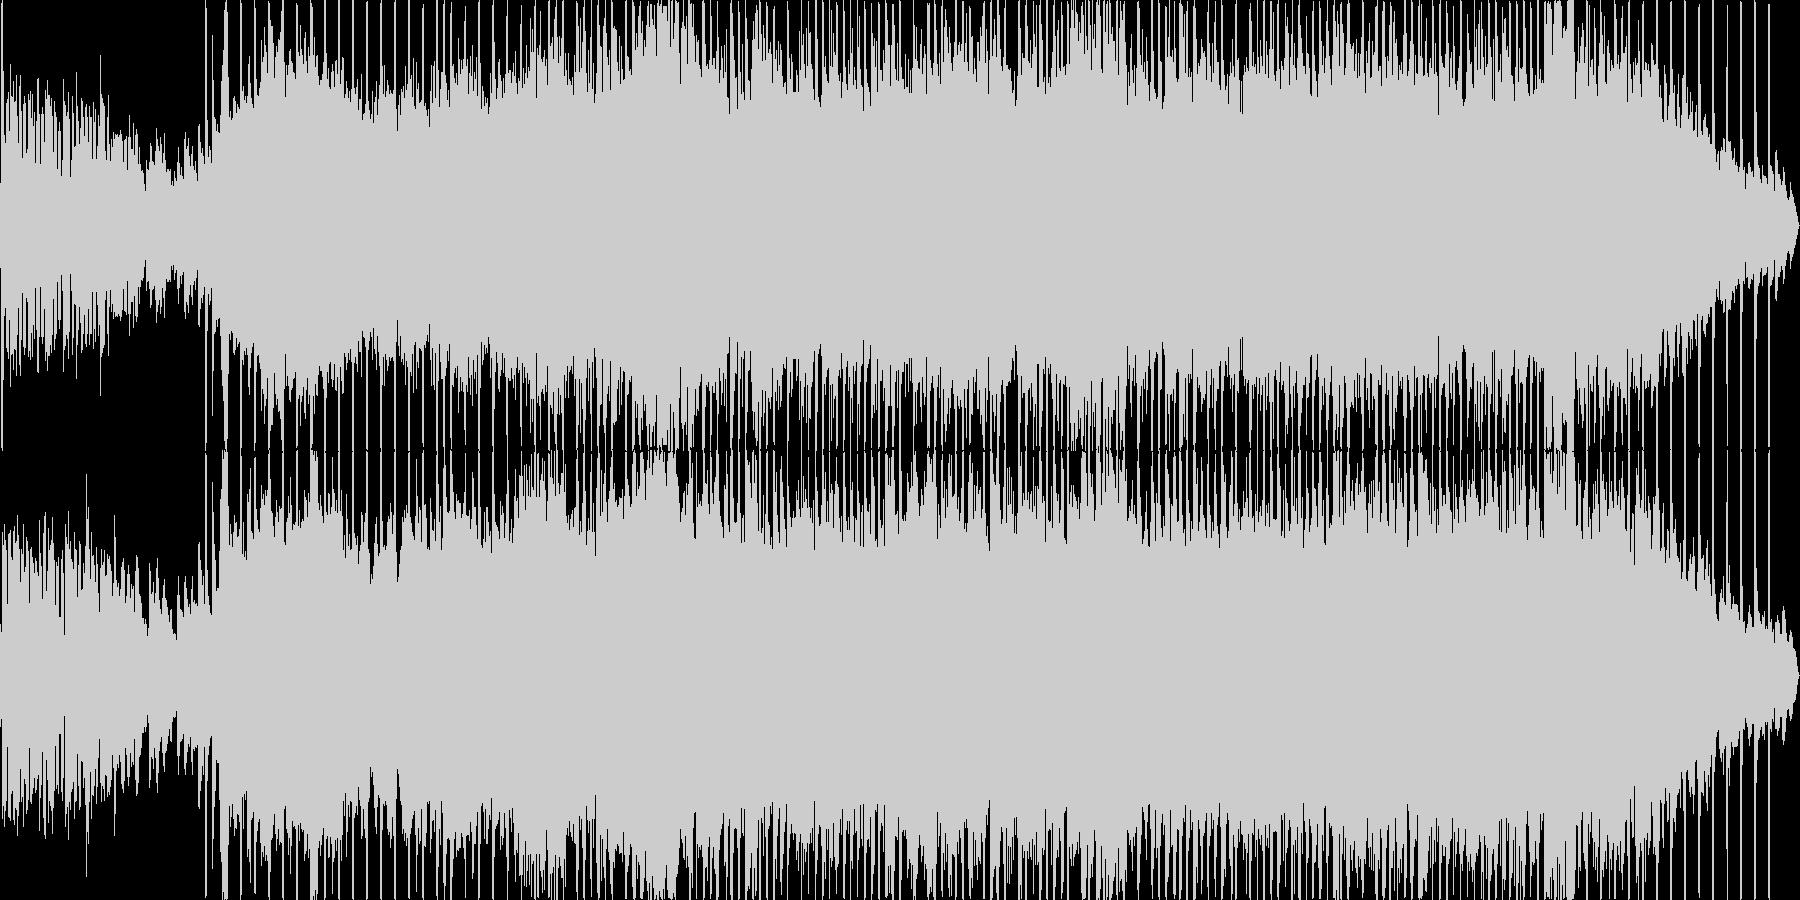 エレクトロでポップな爽やかBGMの未再生の波形